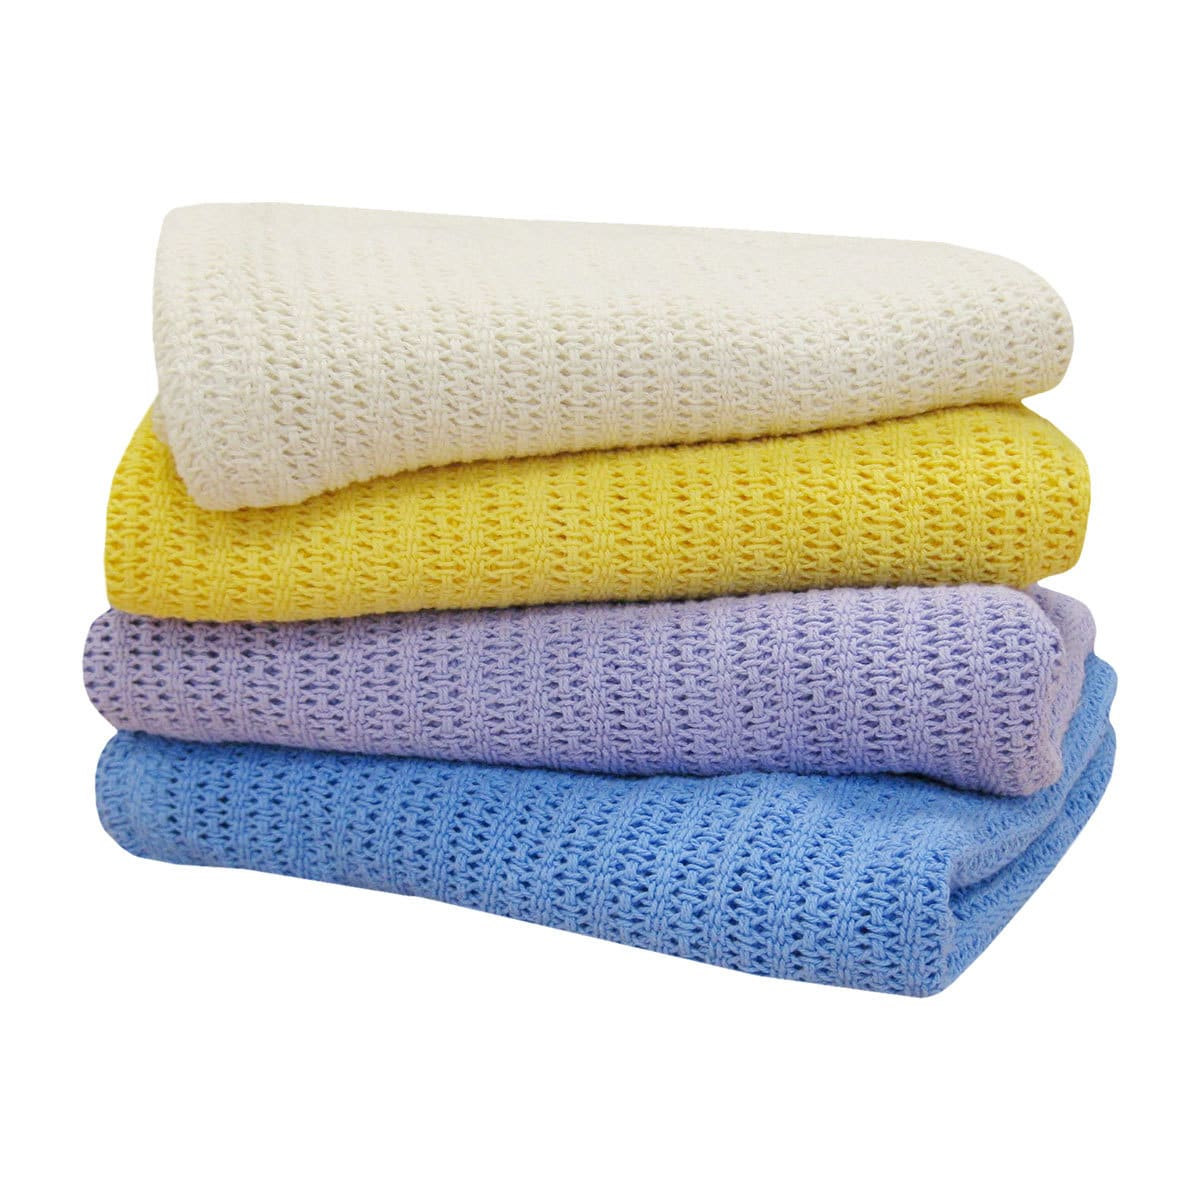 BettwarenShop Baumwolldecke in Häkeloptik für Kinder und Babys